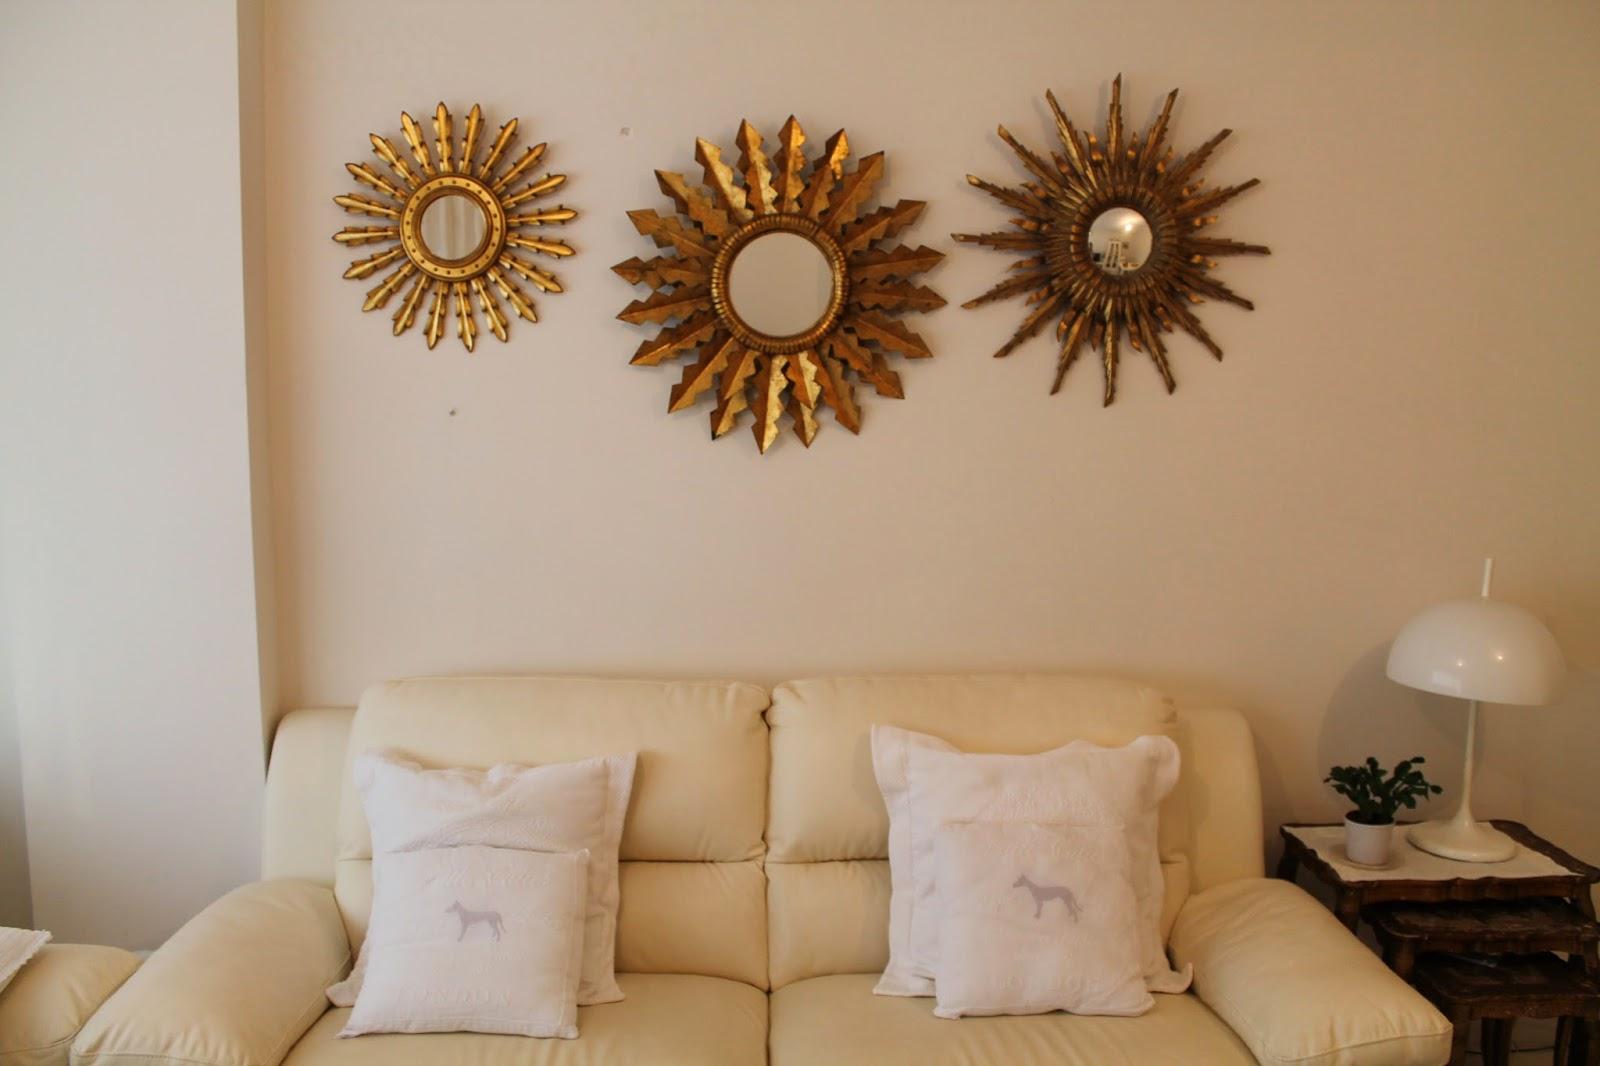 Vintager a espejo de sol de madera tallada y pan de oro a os 50 60 - Espejos de sol ...